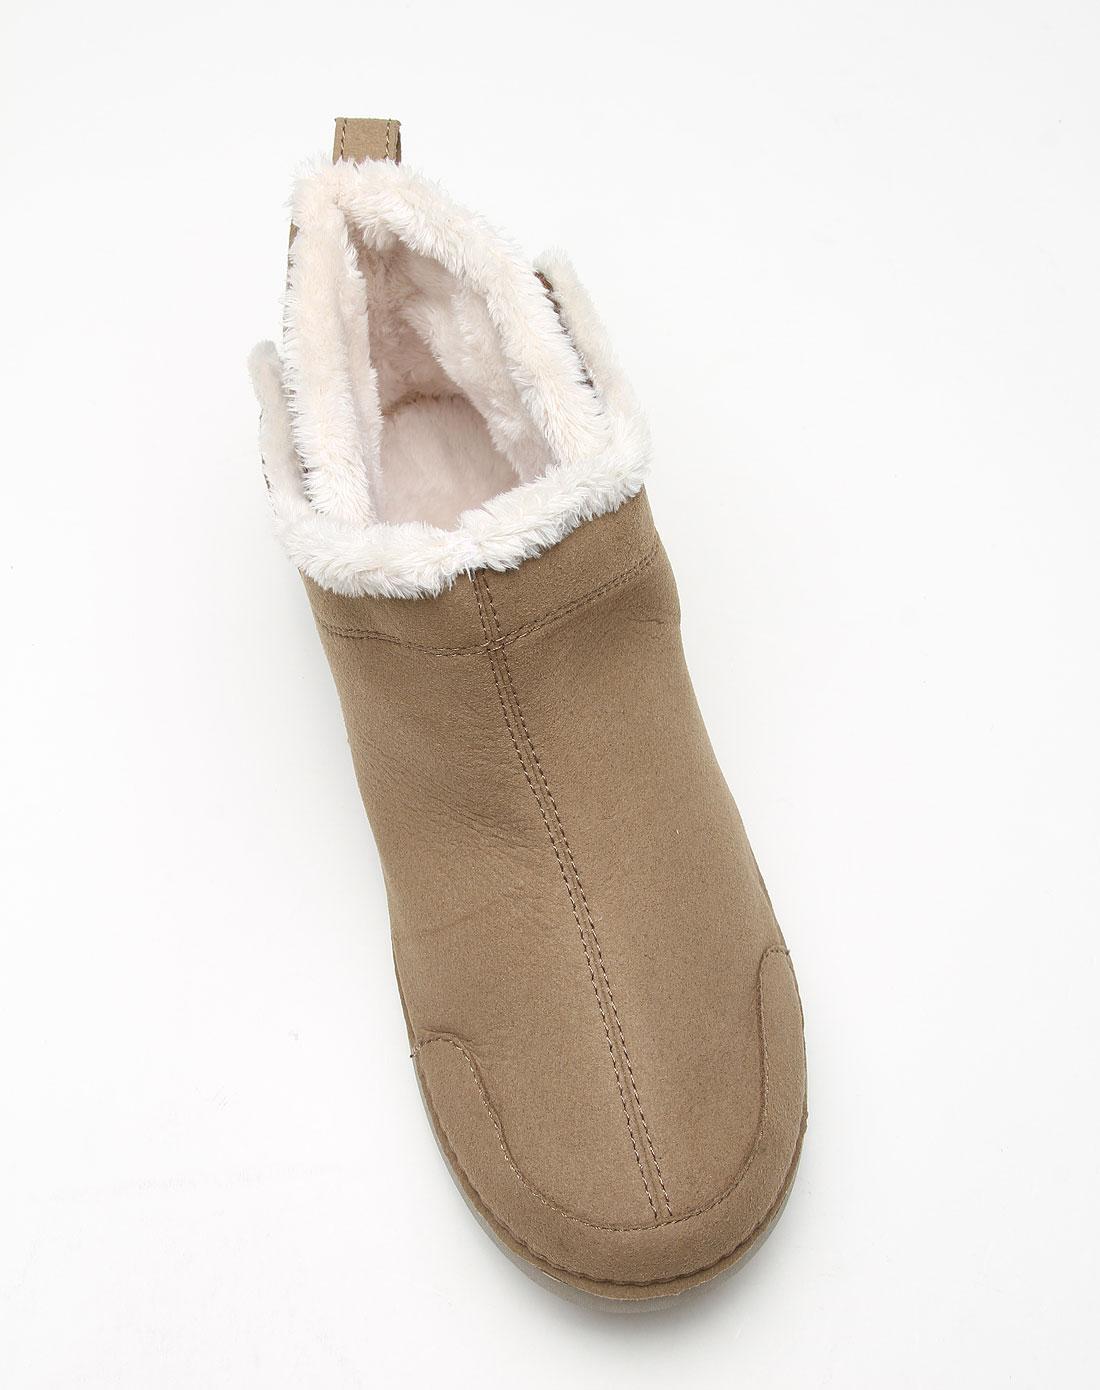 卡骆驰crocs男女卡其色惬意温暖平底短靴12809-29u